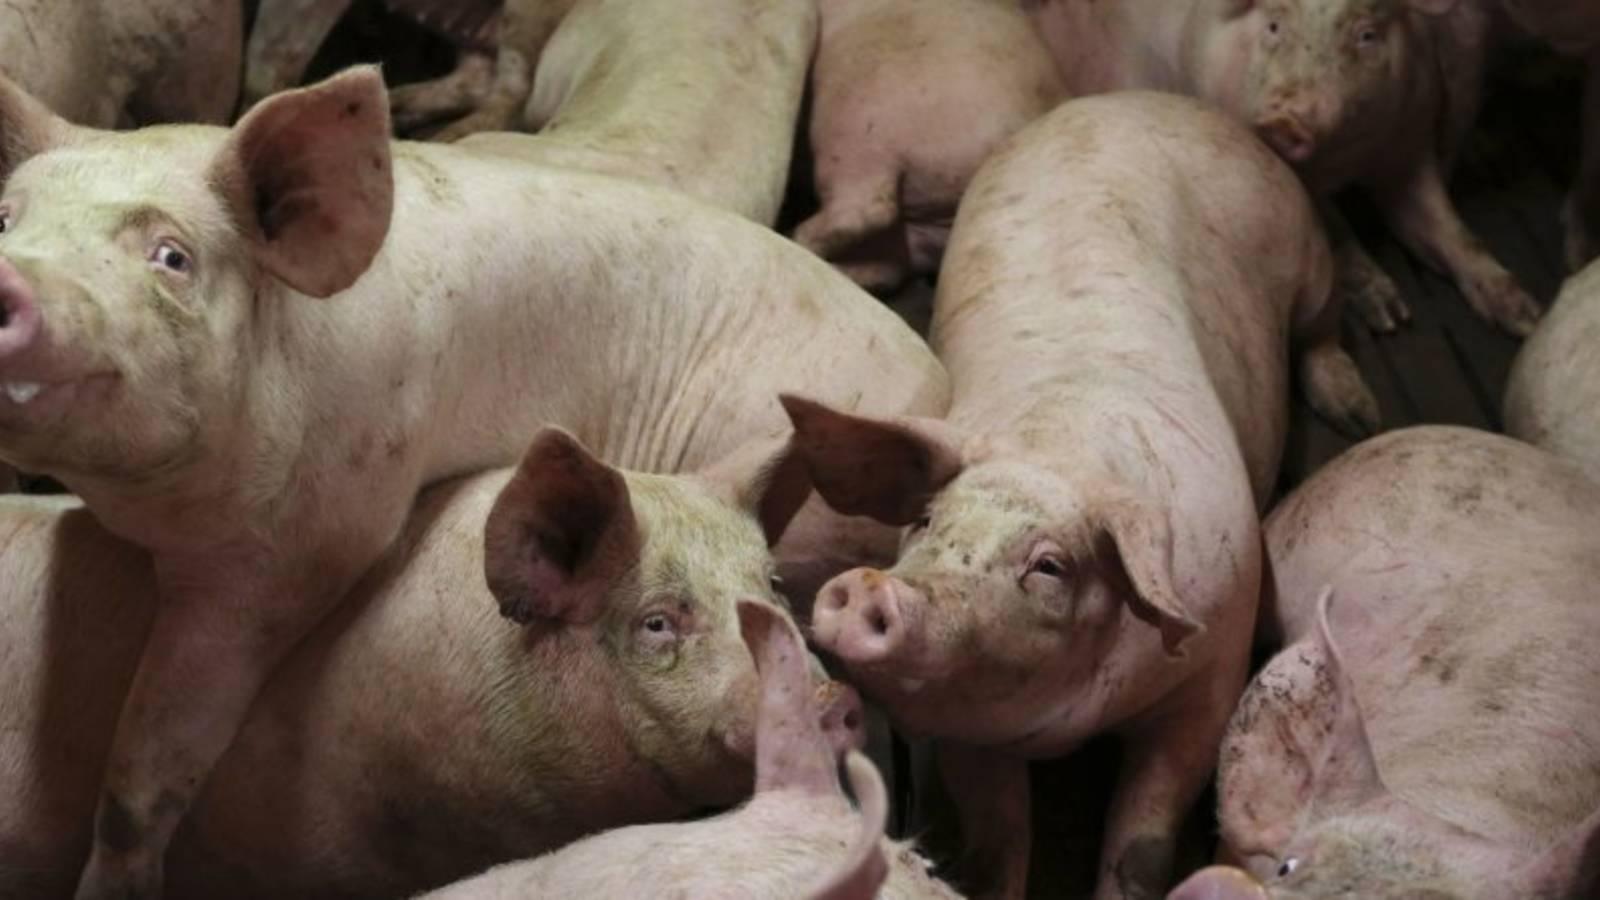 el-embrion-quimera-los-cerdos-que-se-convertiran-en-los-donantes-del-futuro